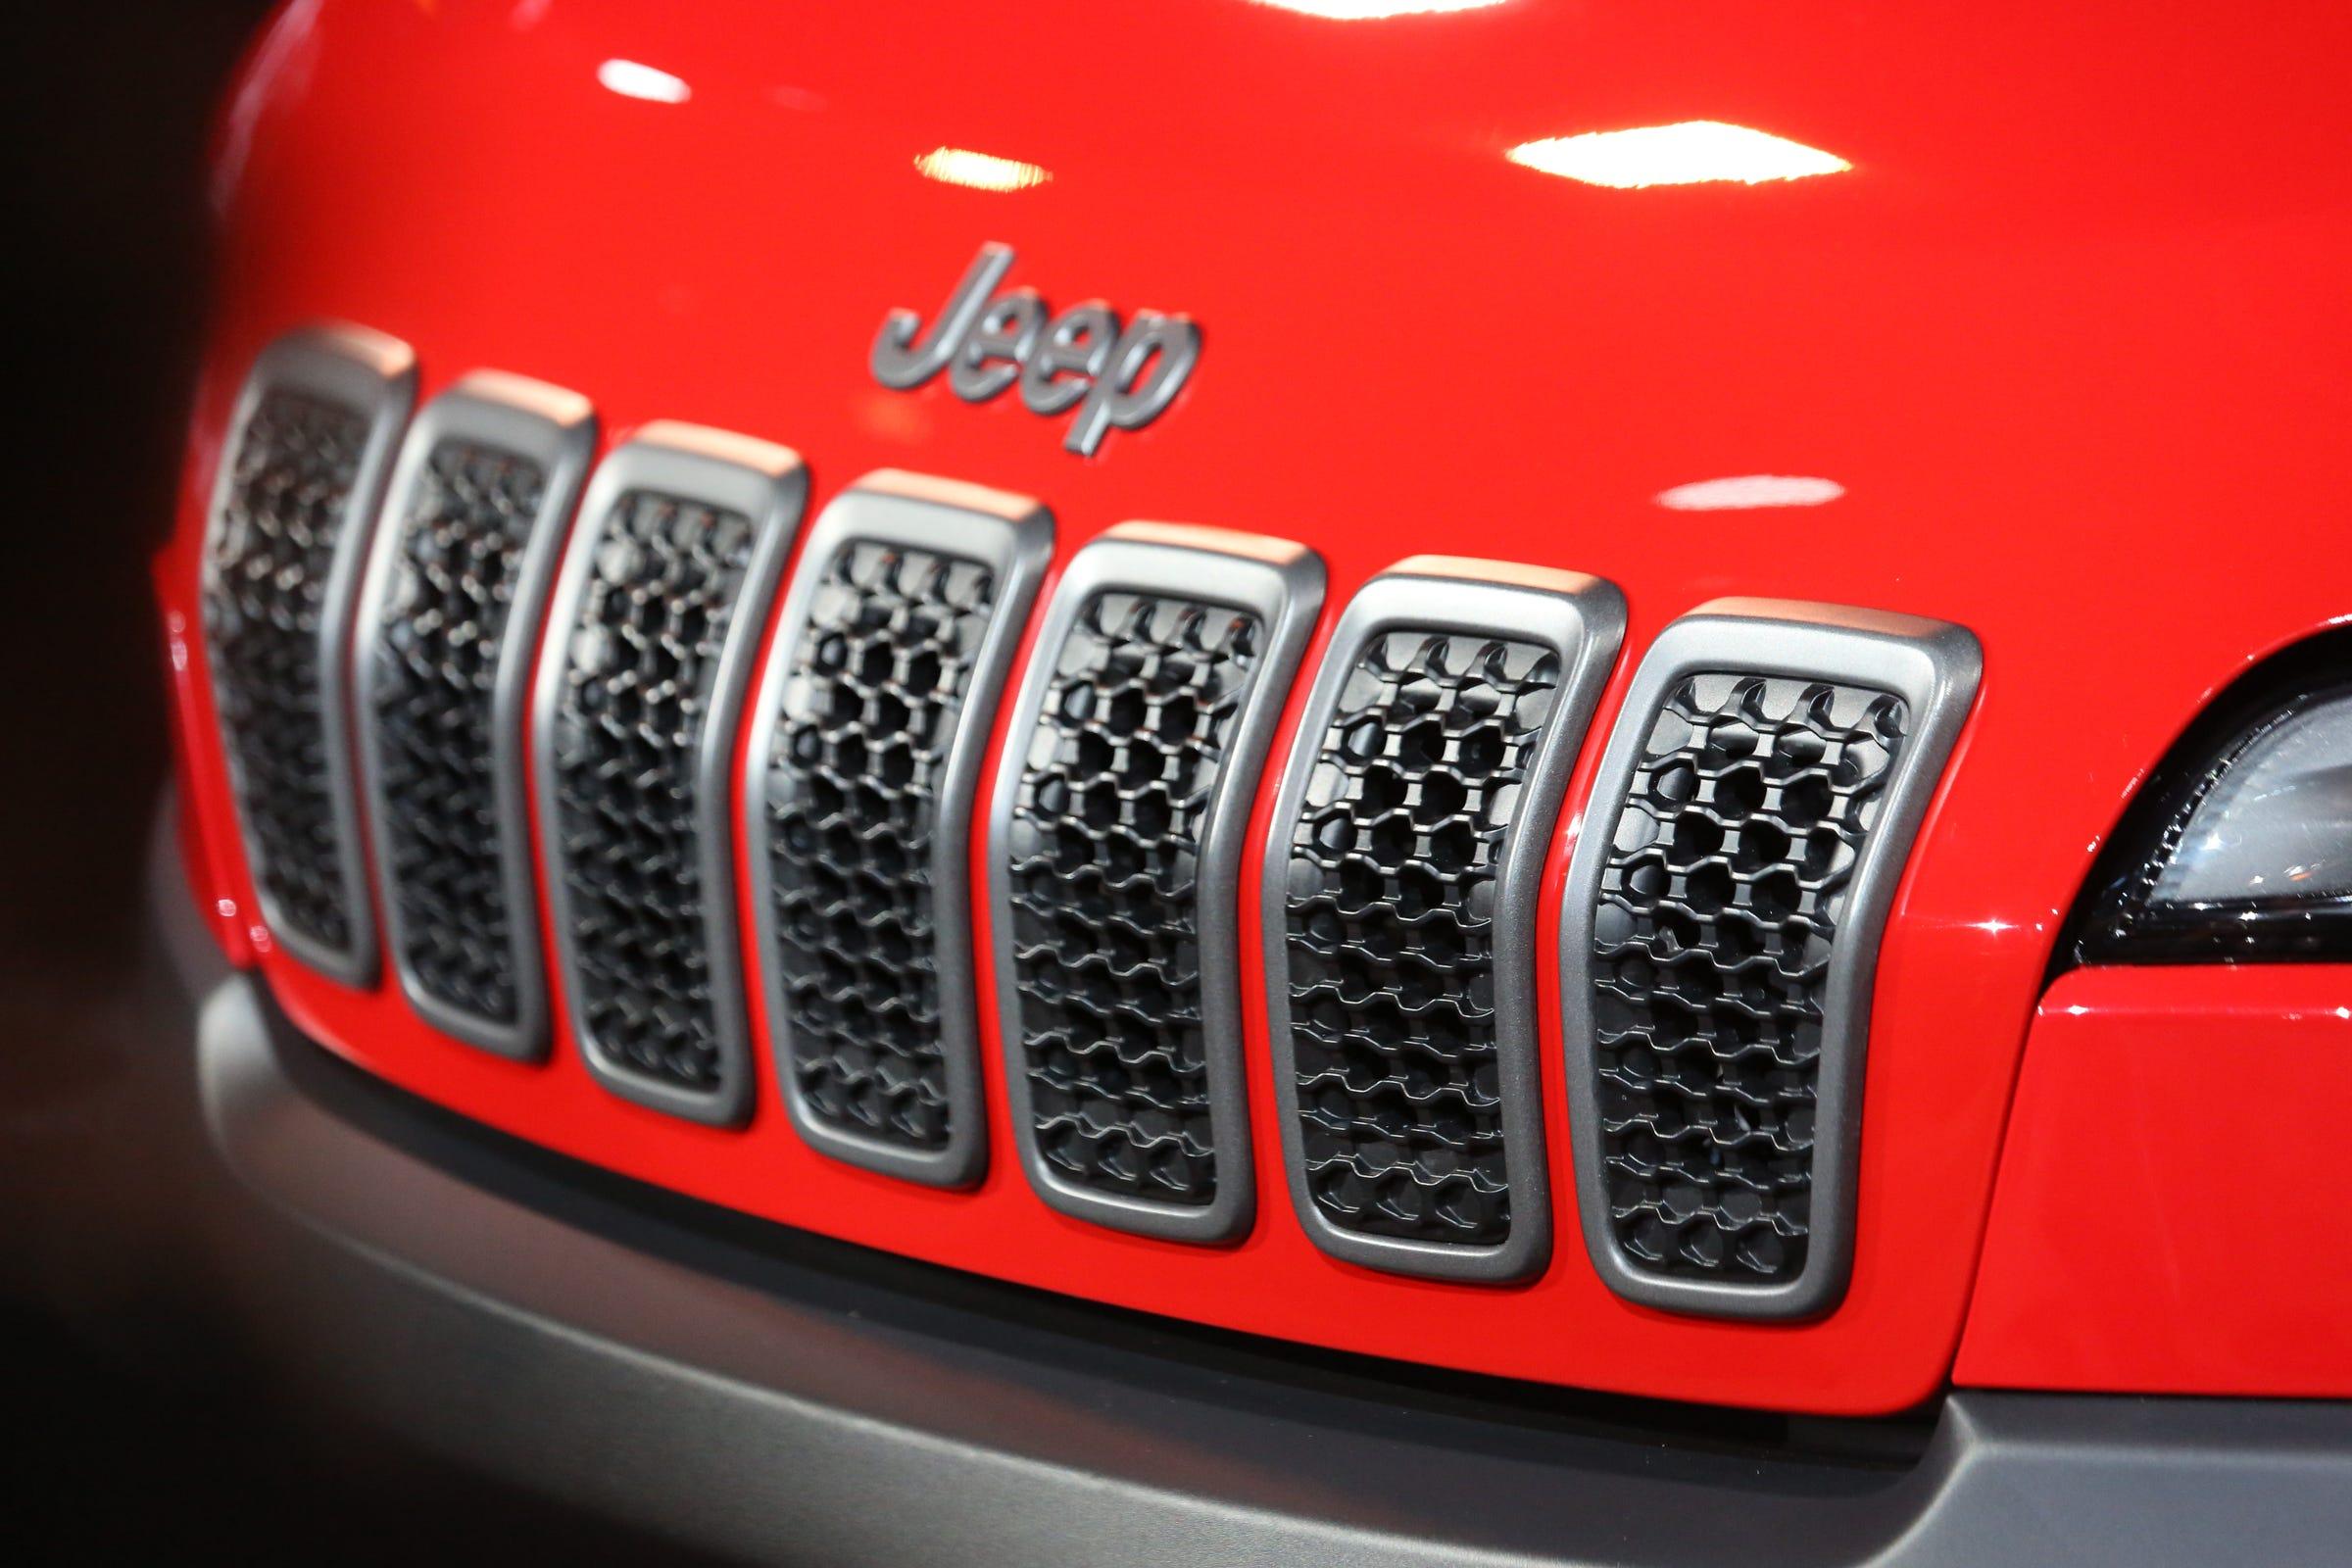 JeepCherokeejpg - Car sticker designripped torn metal design with evil eye monster motif external